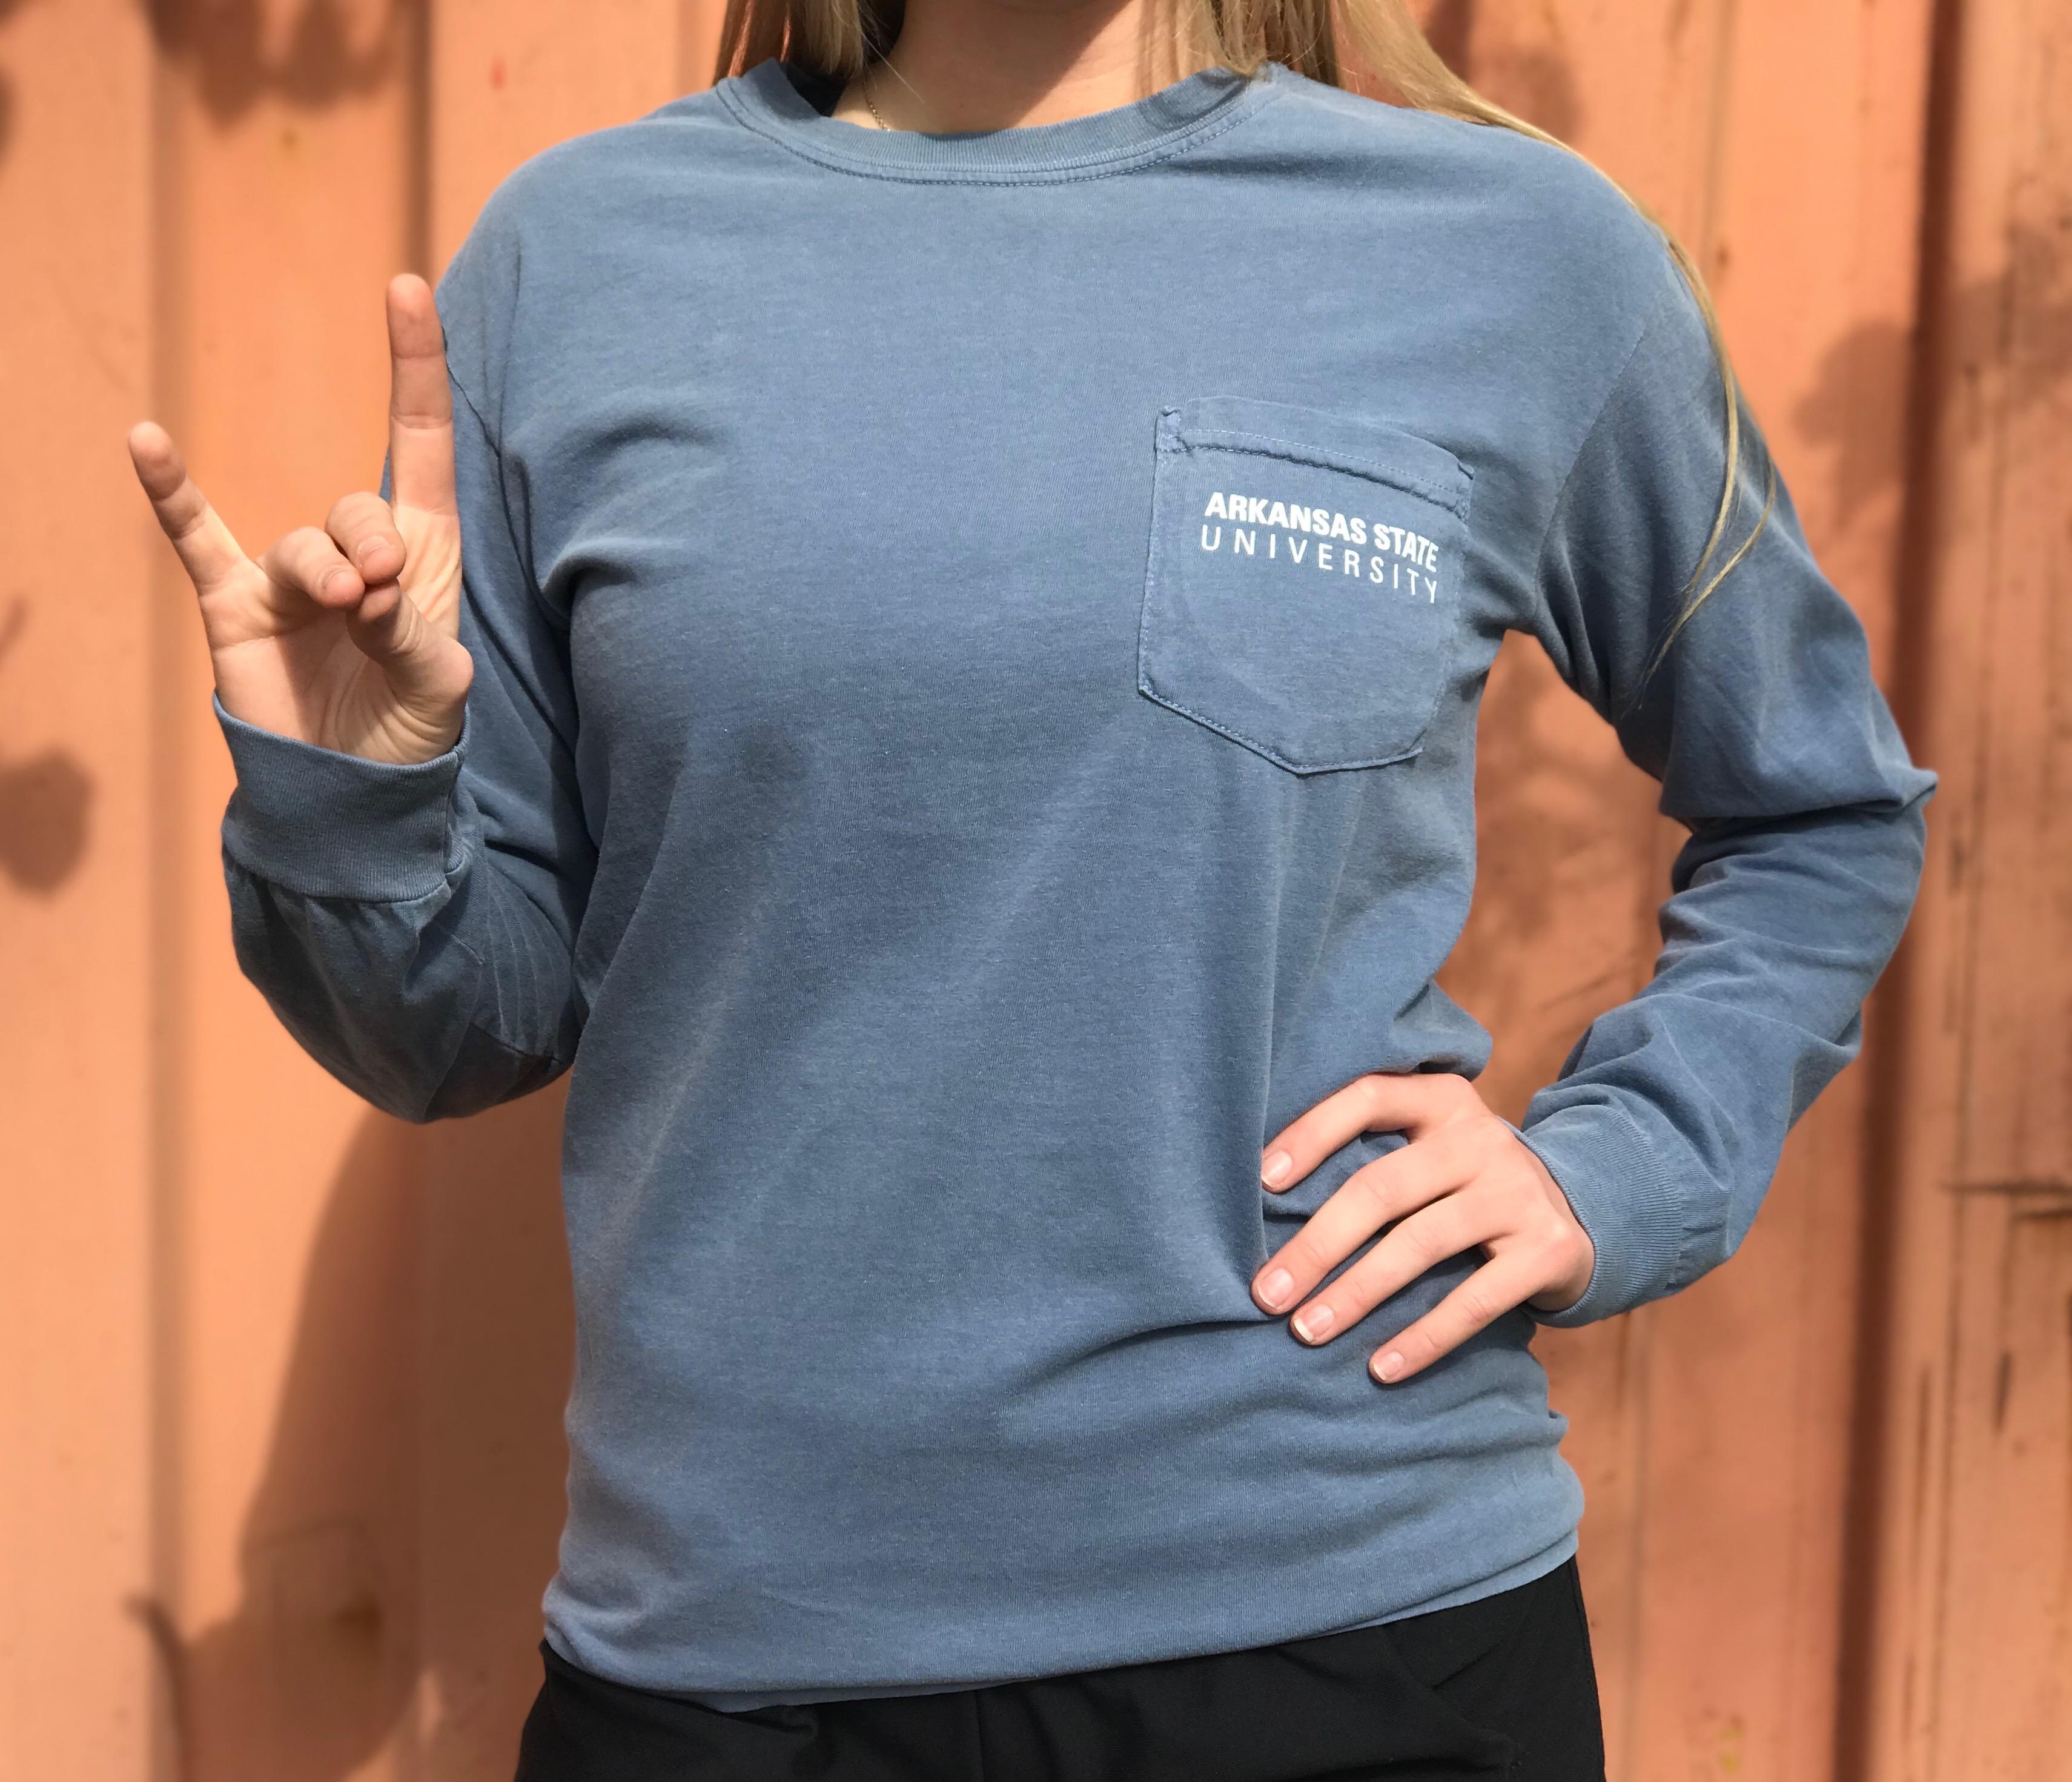 Arkansas State University L/S Comfot Color T Shirt